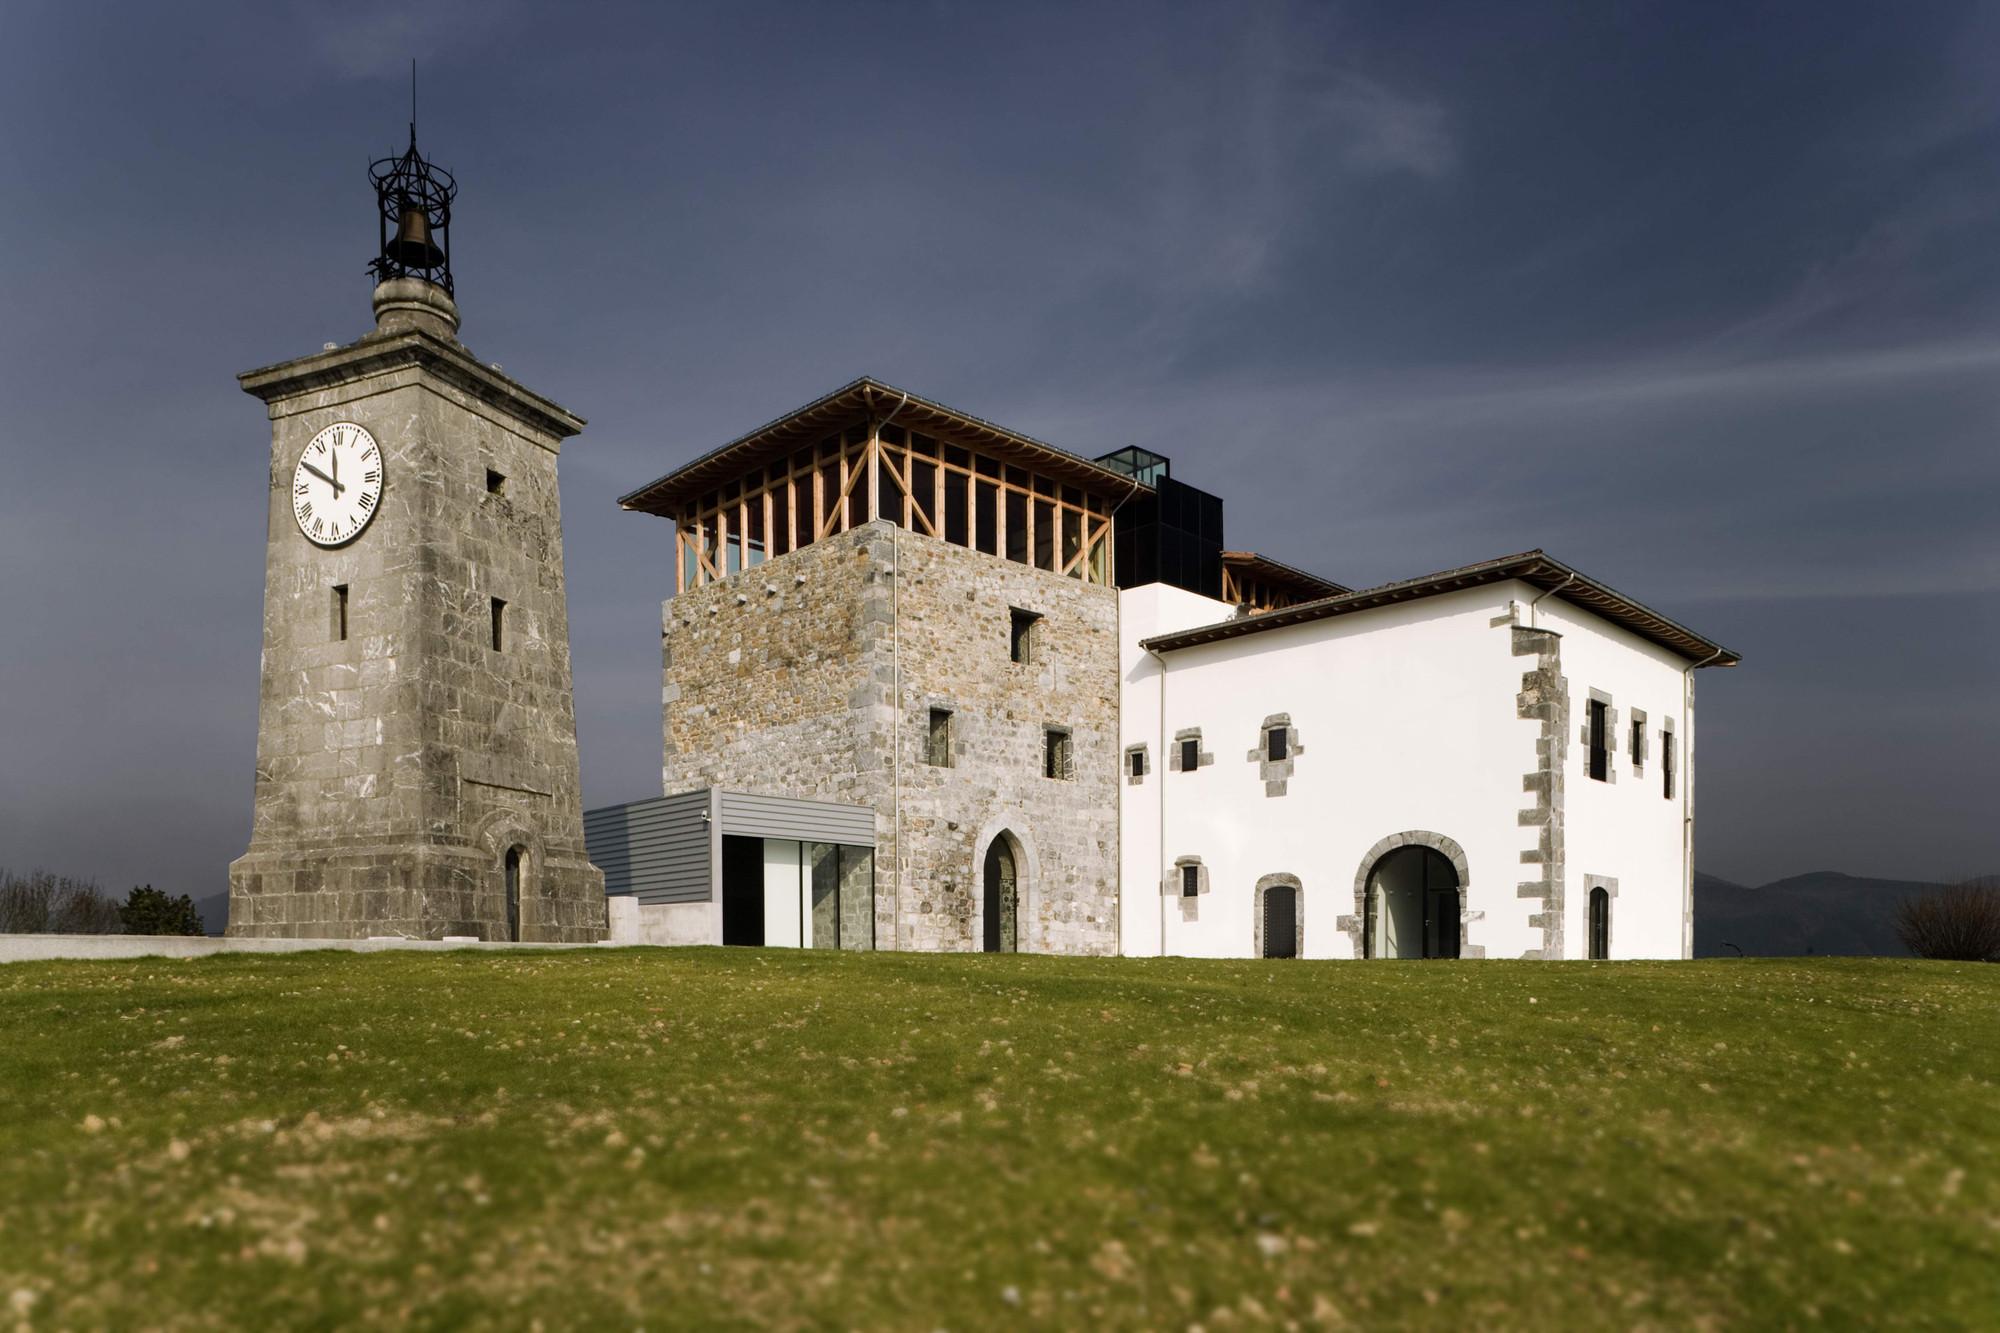 Archivo: Renovaciones e Intervenciones de Construcciones Históricas / Parte 2, © Aitor Ortiz